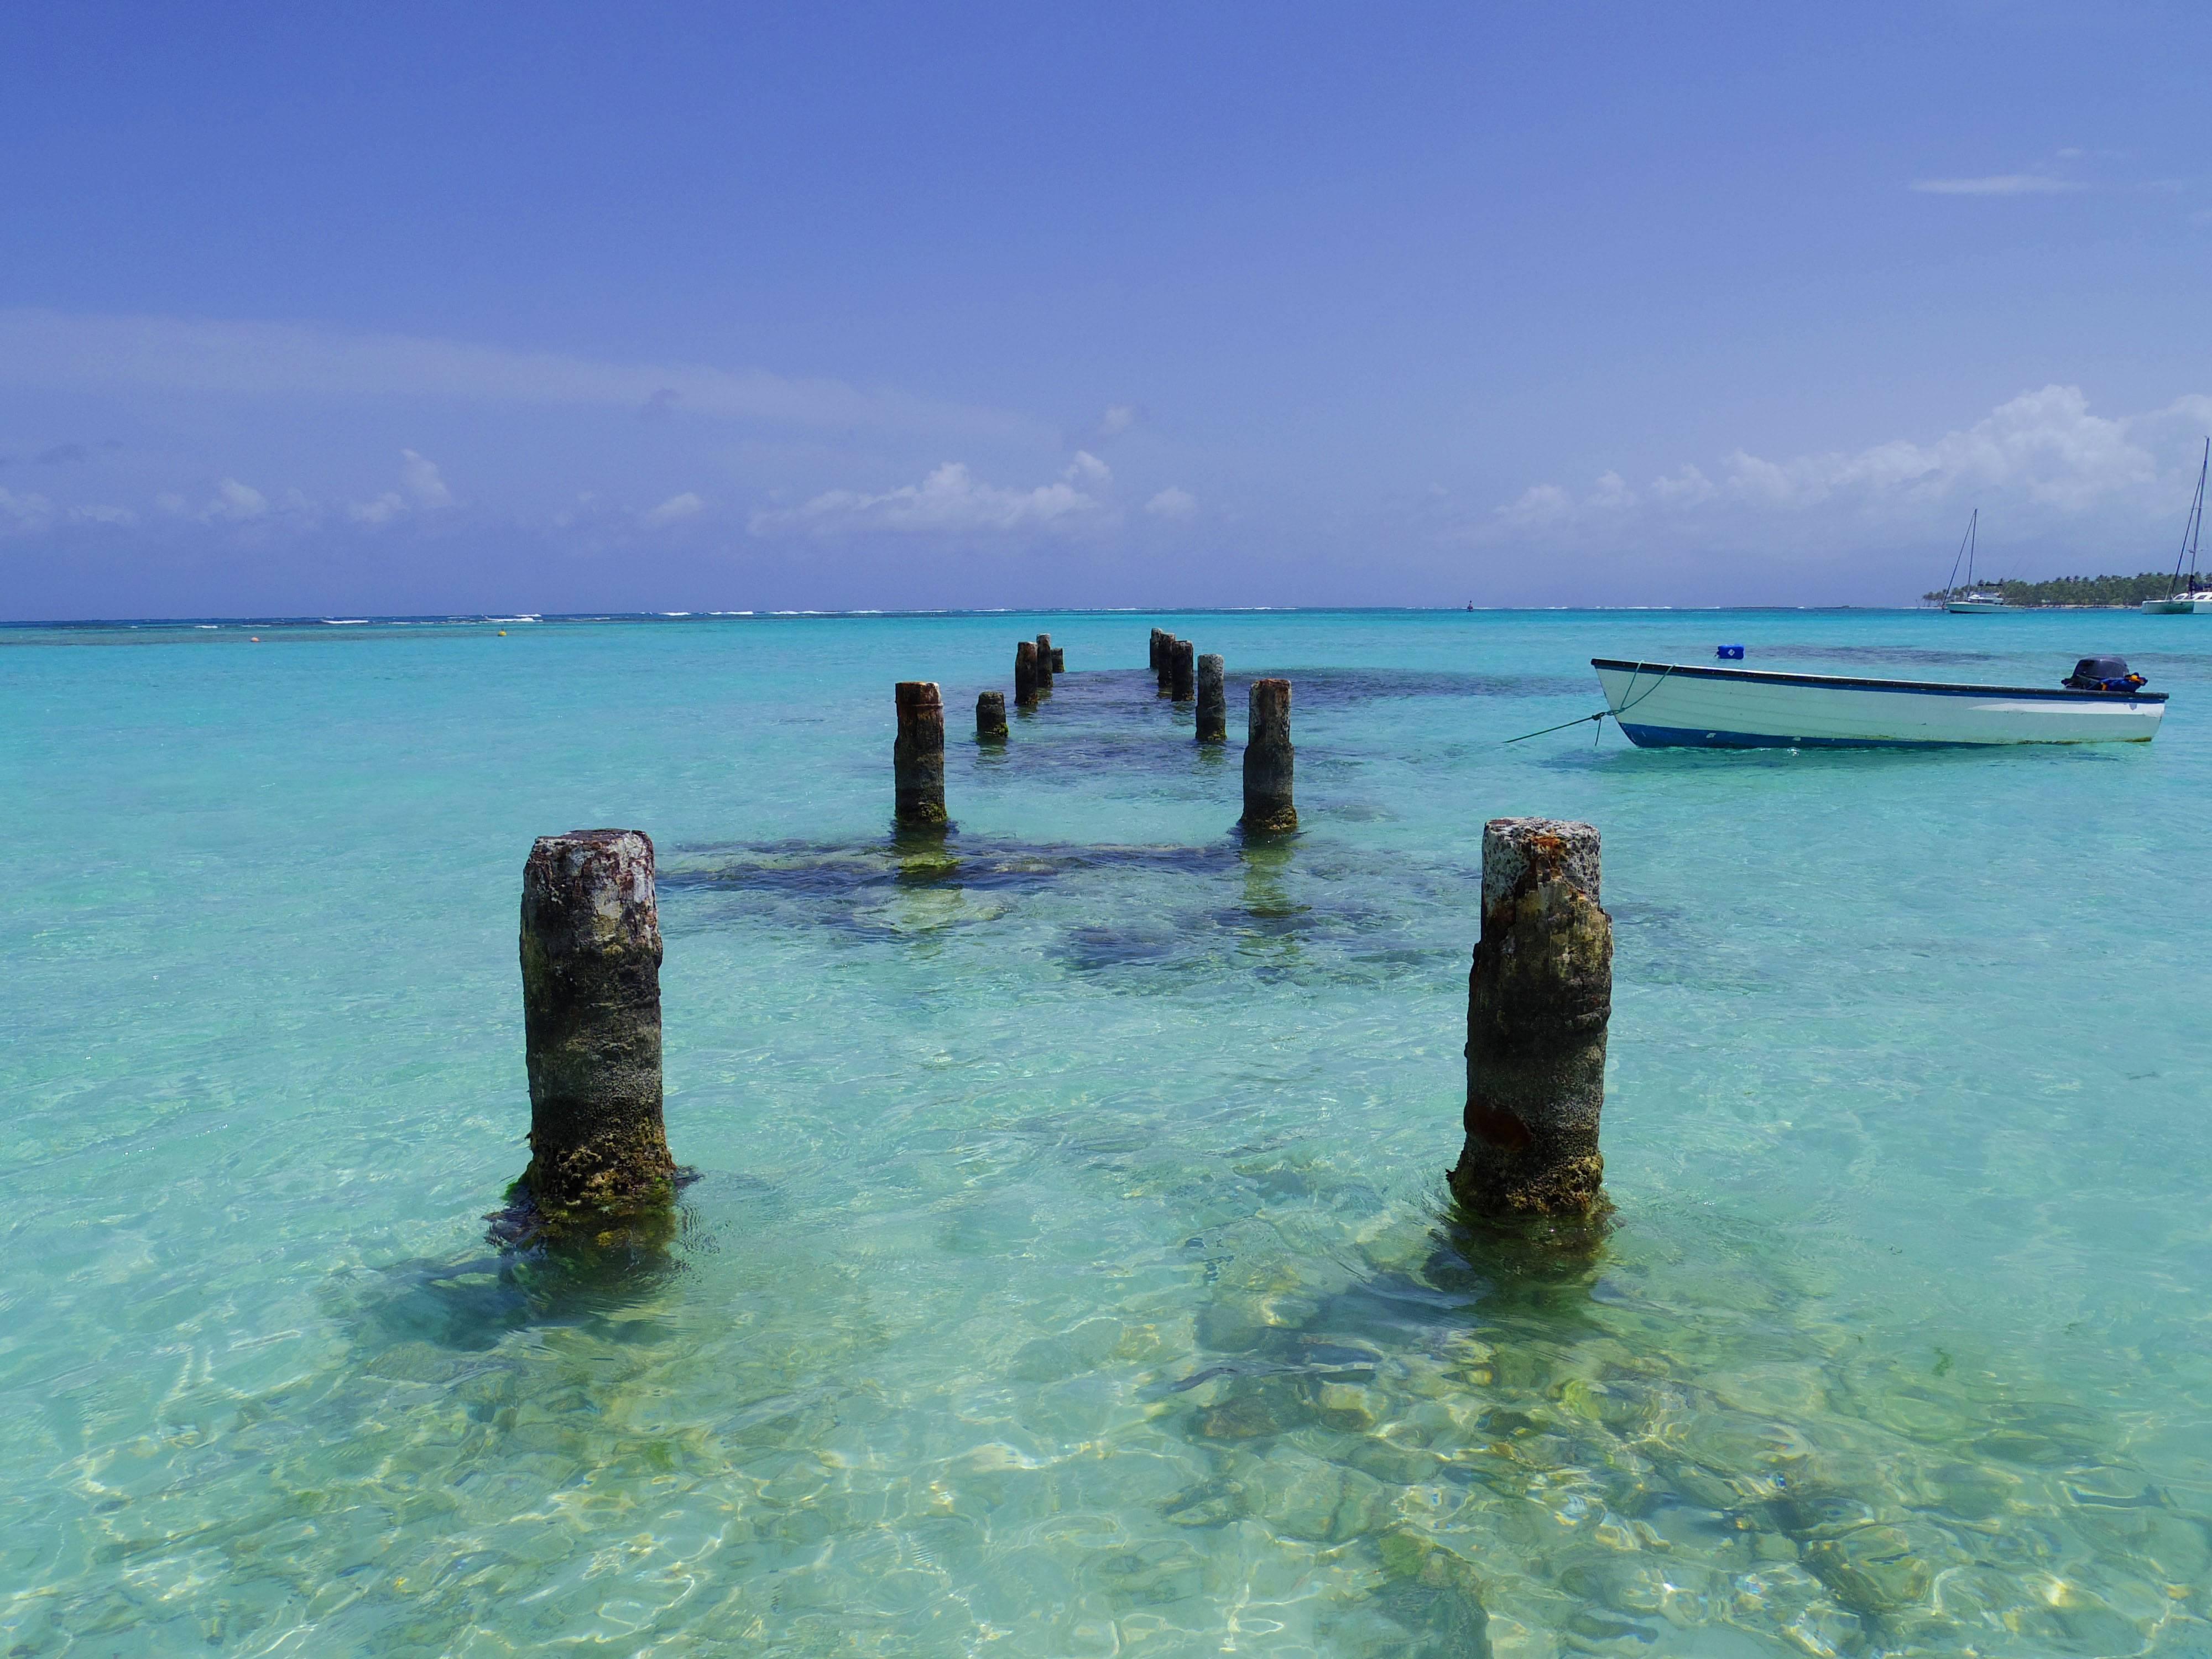 Photo 1: Guadeloupe... Comme dans un rêve !